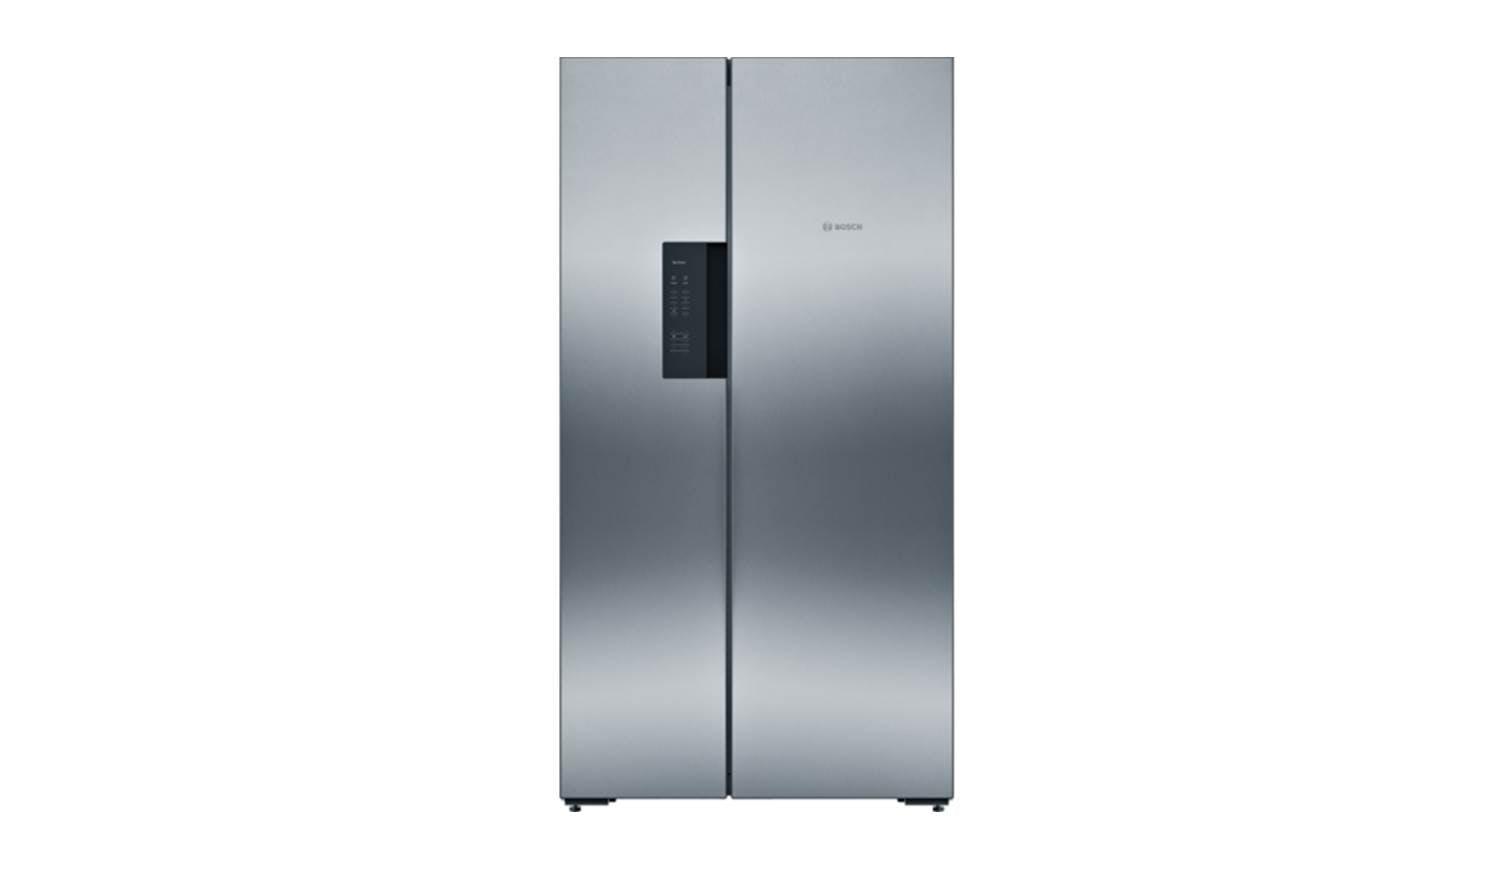 bosch kan 92vi35 side by side fridge freezer harvey norman singapore. Black Bedroom Furniture Sets. Home Design Ideas